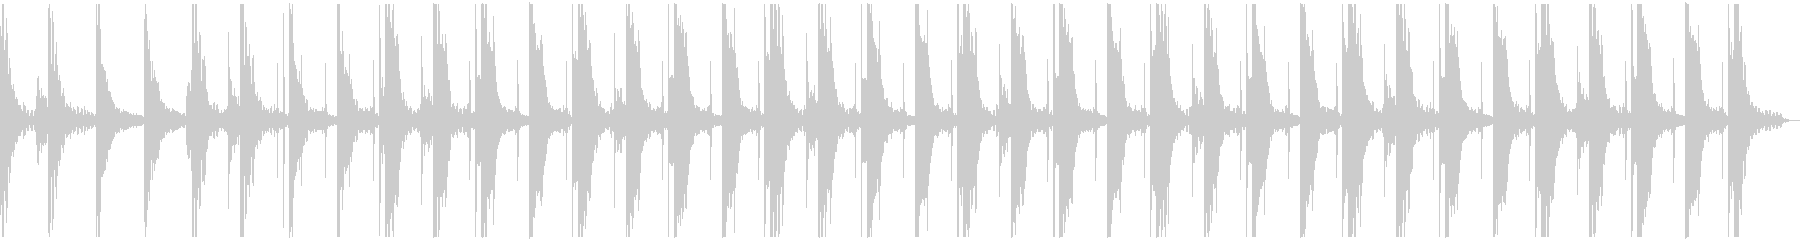 神秘的 ピアノ アンビエントの未再生の波形